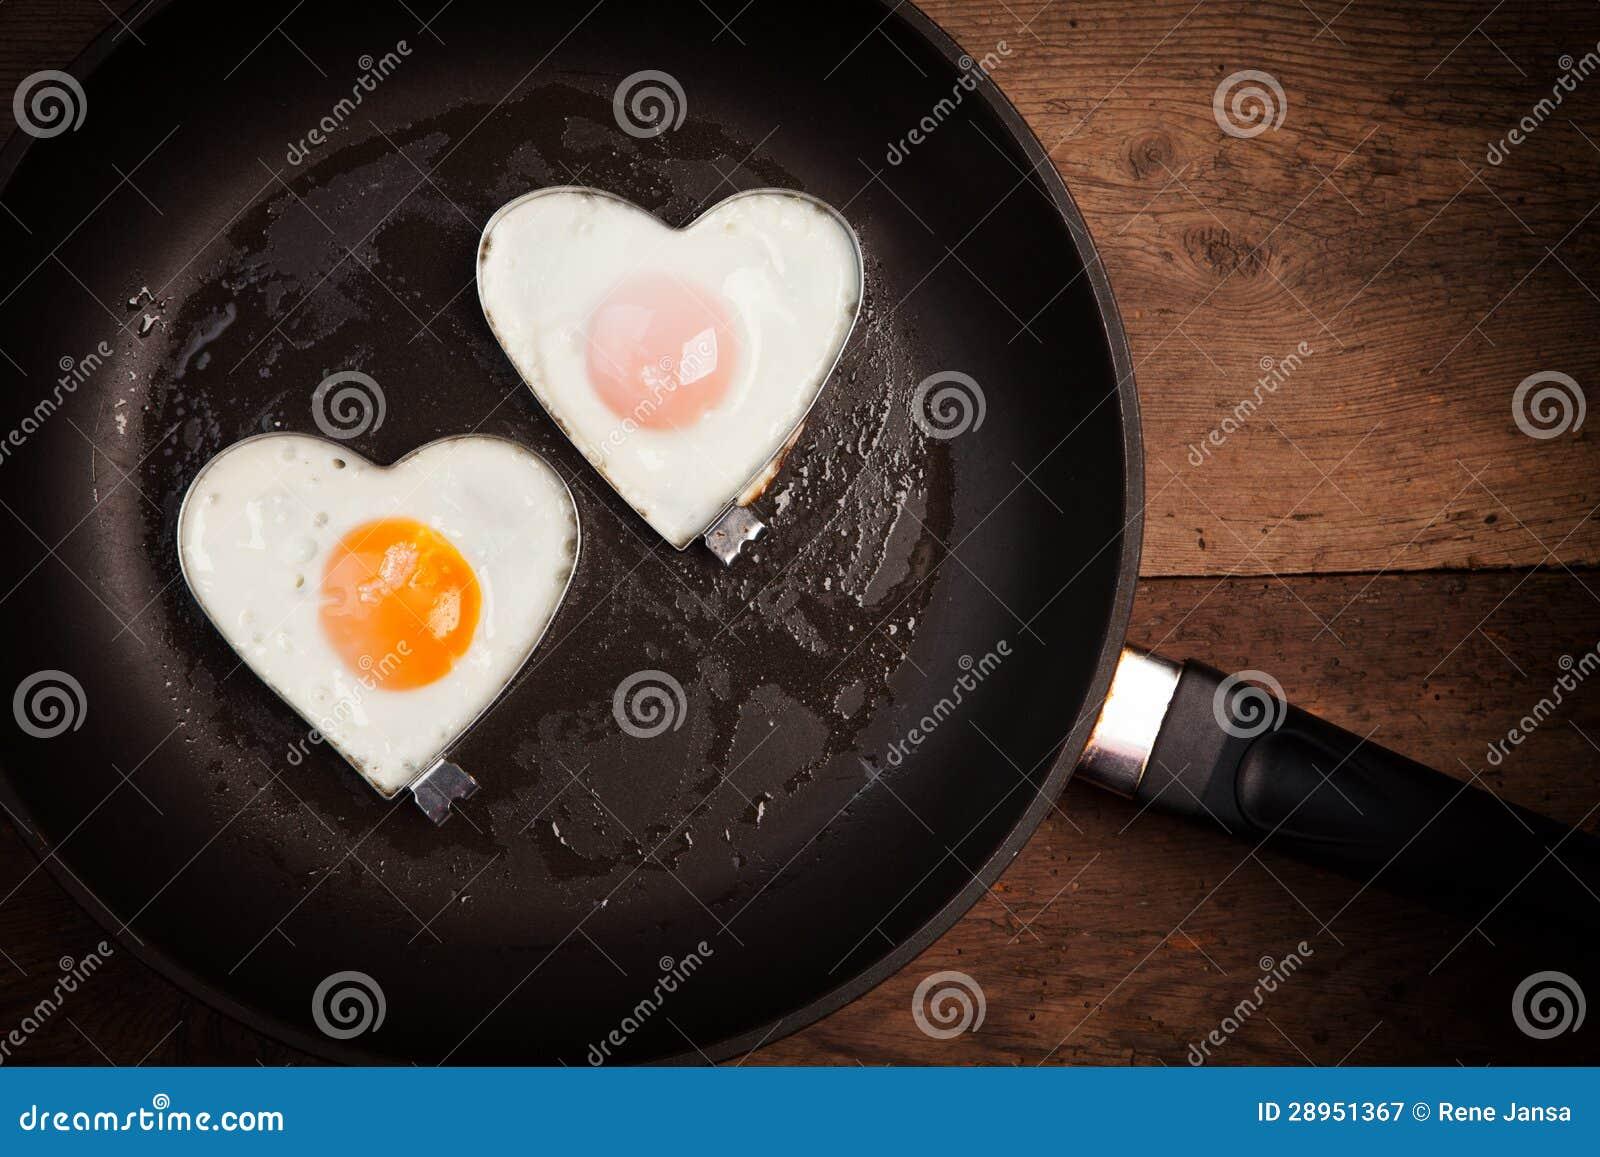 Fried egg love heart